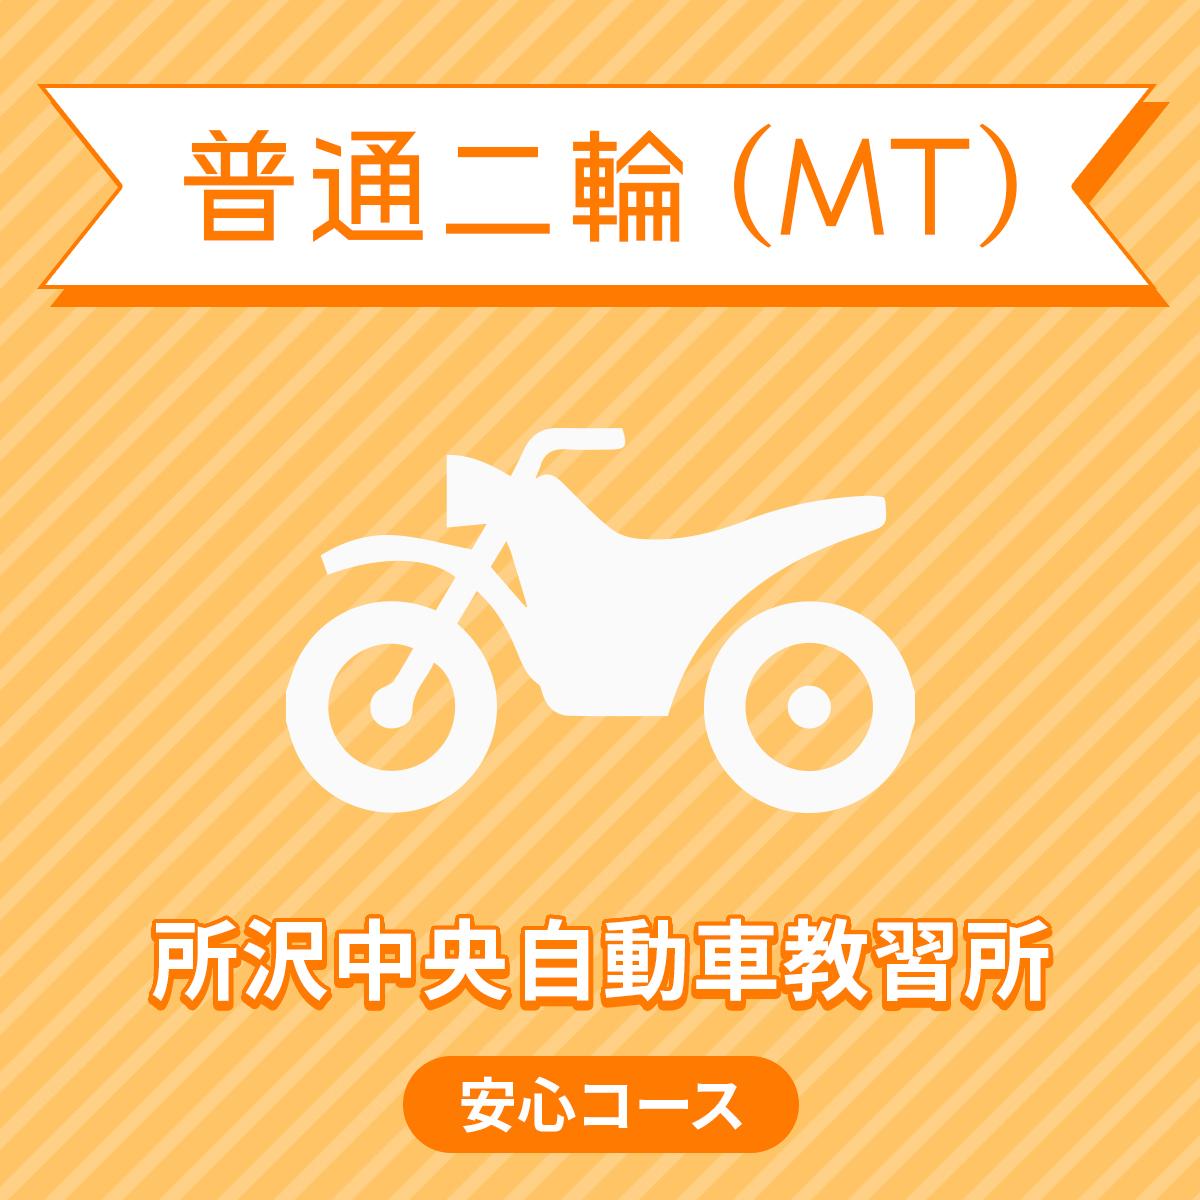 セール価格 埼玉県所沢市 普通二輪MT安心コース 優先プラン付 返品不可 普通 準中型 大型免許所持対象 中型